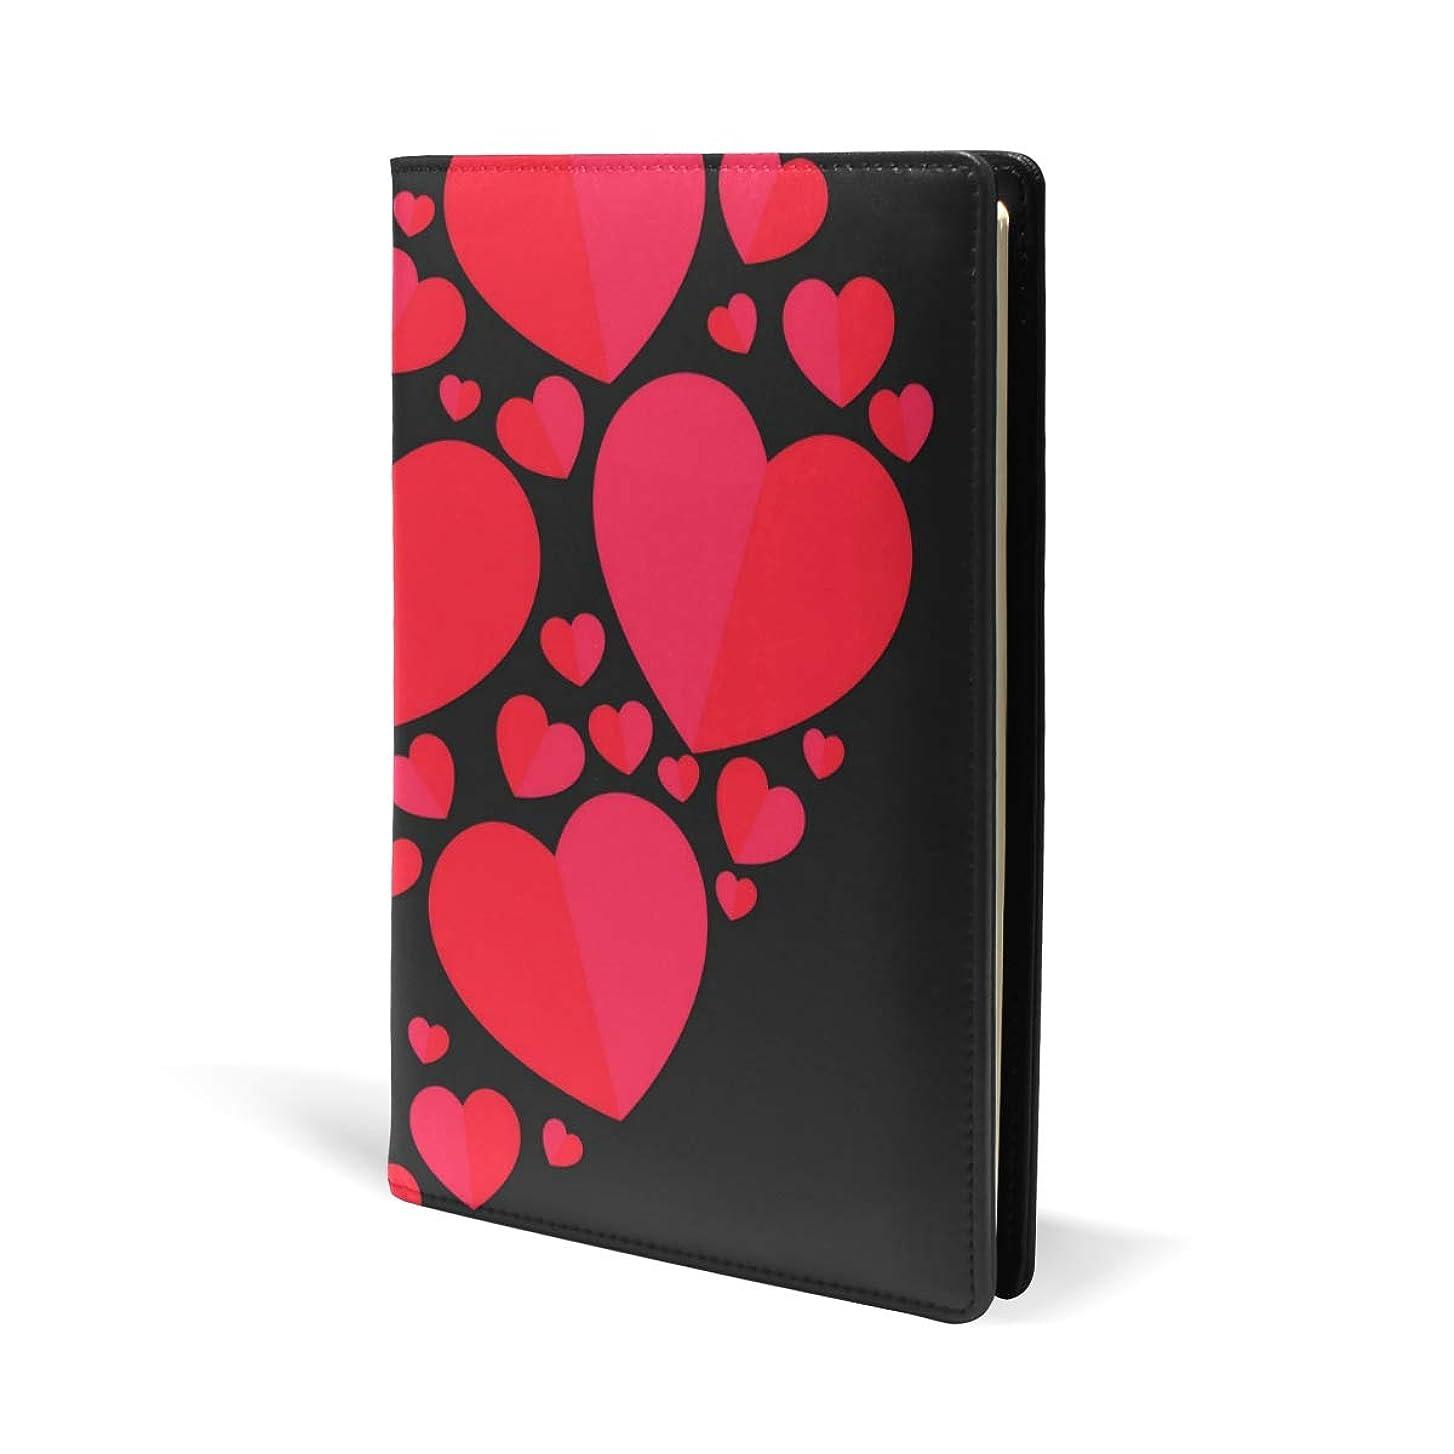 追加圧縮されたパンサーブックカバー a5 こころ 赤い きれい 文庫 PUレザー ファイル オフィス用品 読書 文庫判 資料 日記 収納入れ 高級感 耐久性 雑貨 プレゼント 機能性 耐久性 軽量